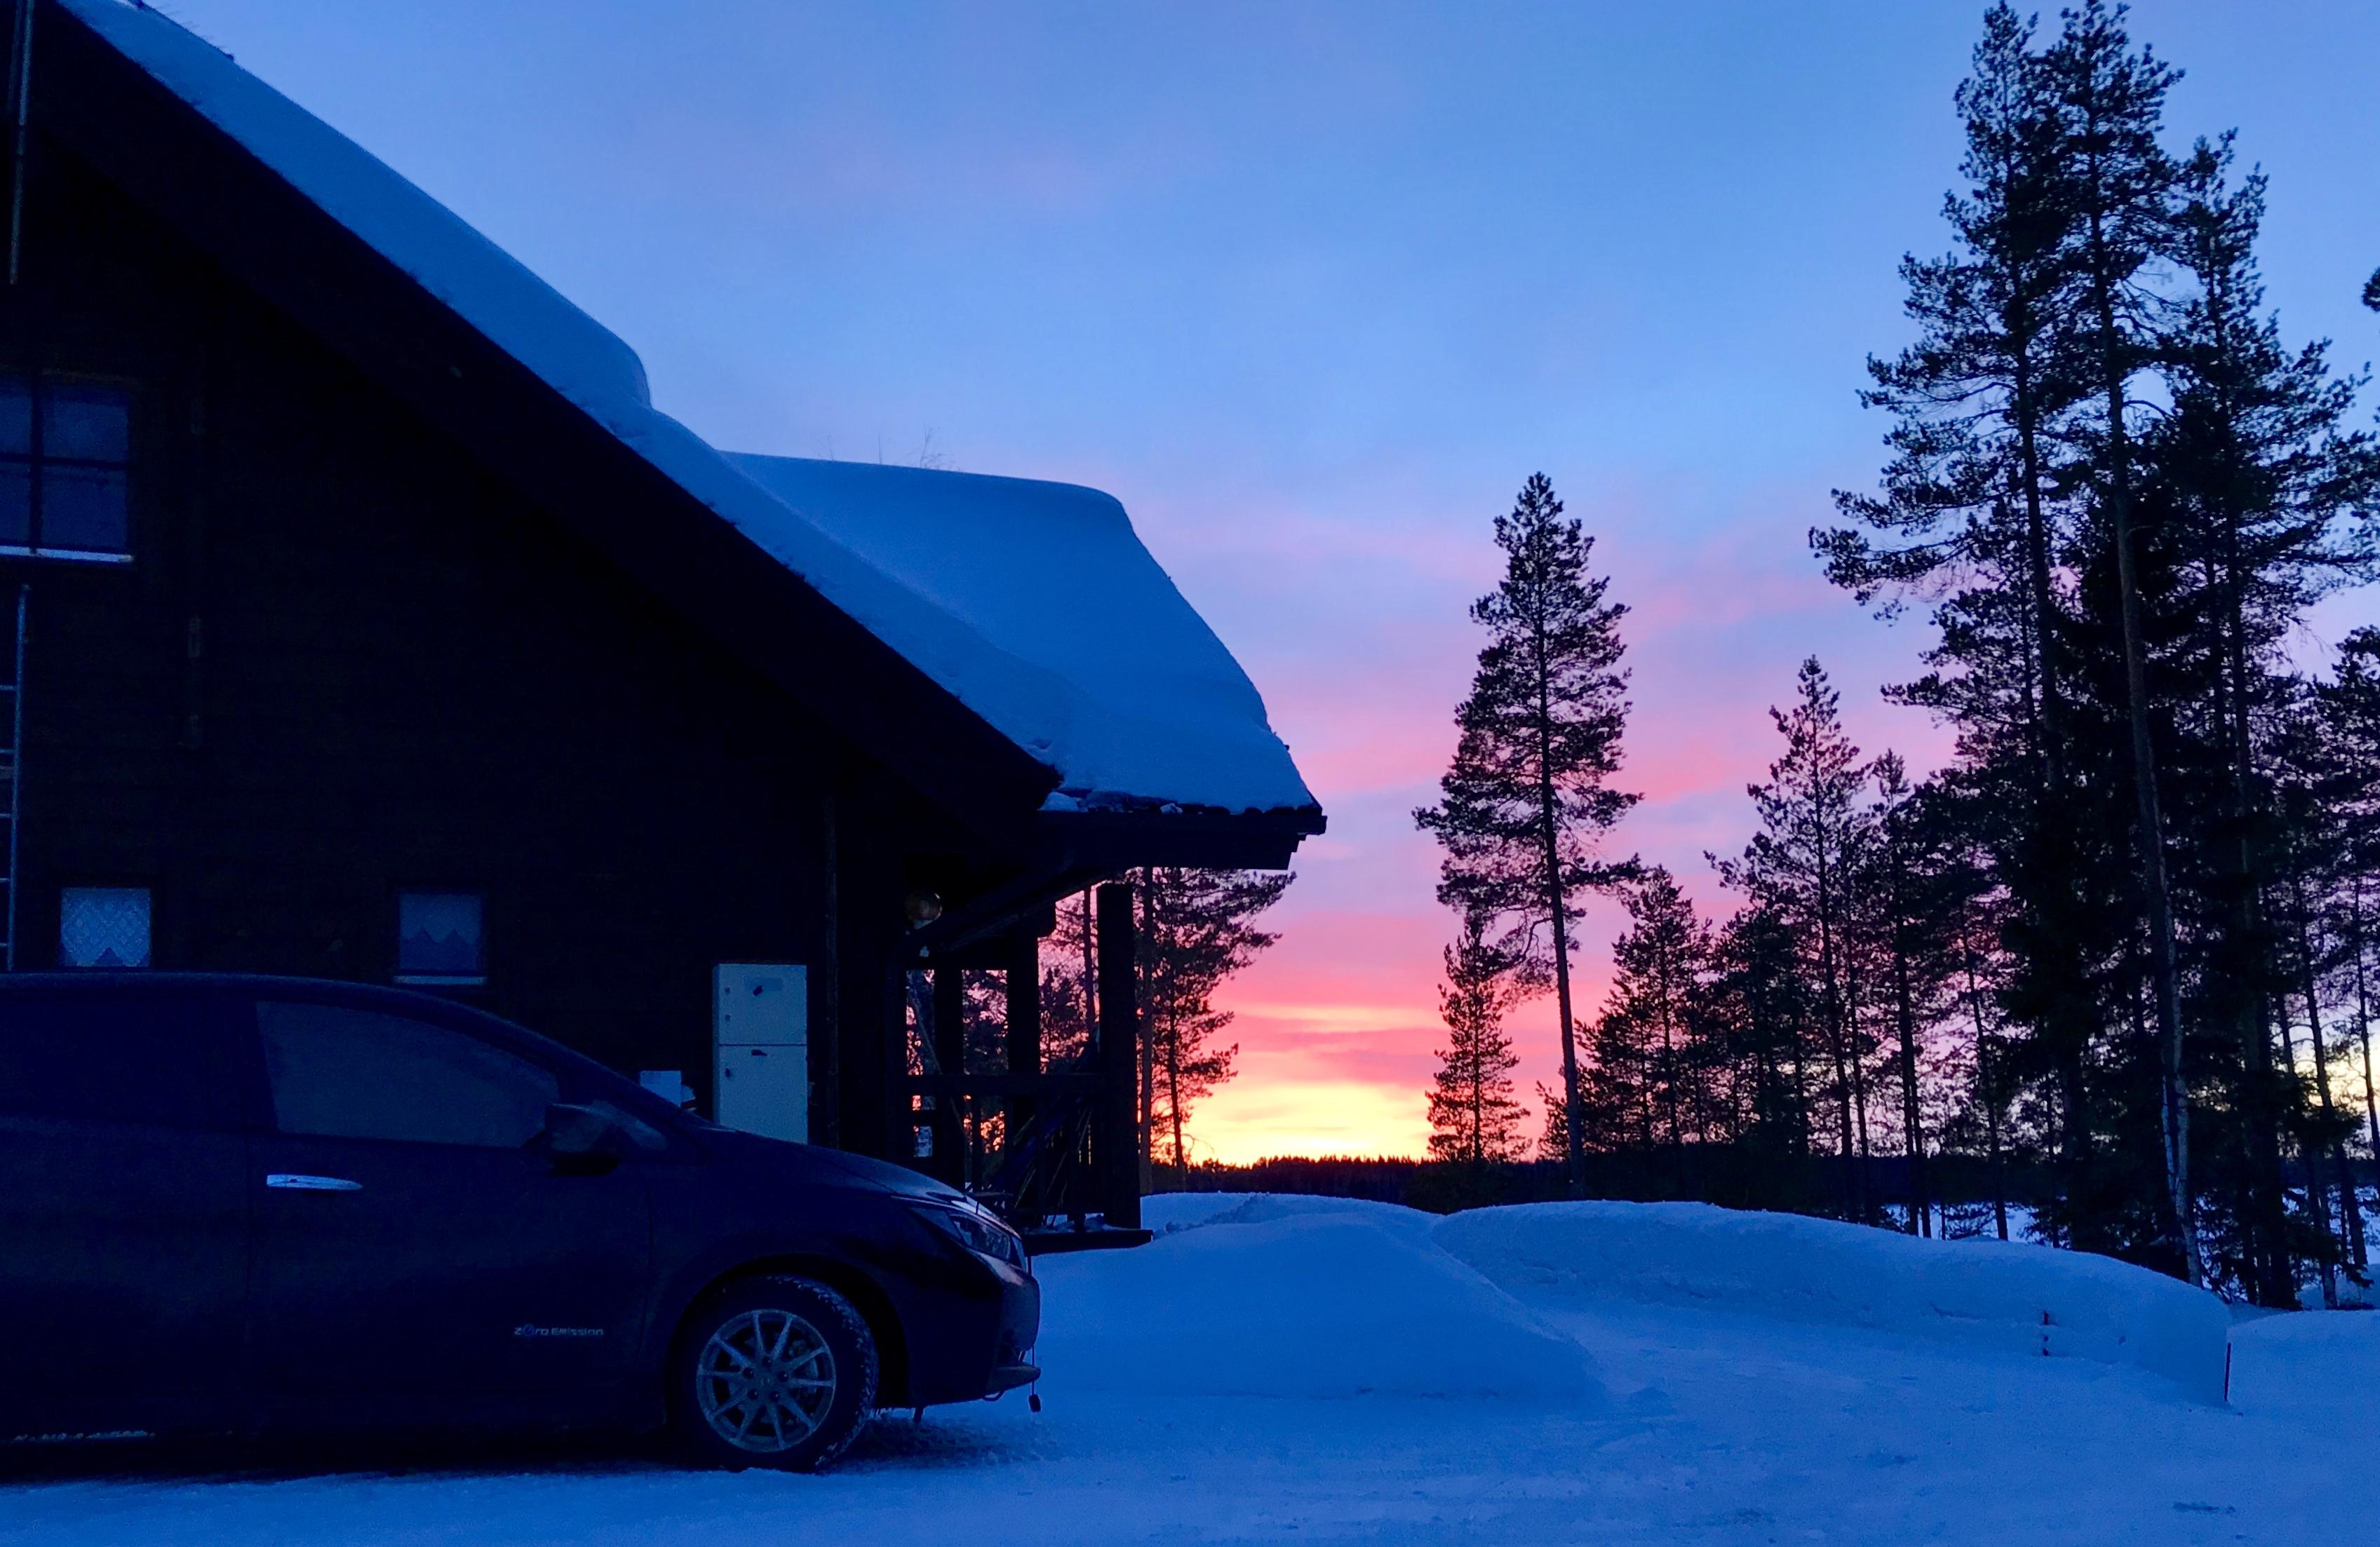 Talvella mökkeilemään sähköauto Nissan Leaf 40 kWh:lla 280 km päähän